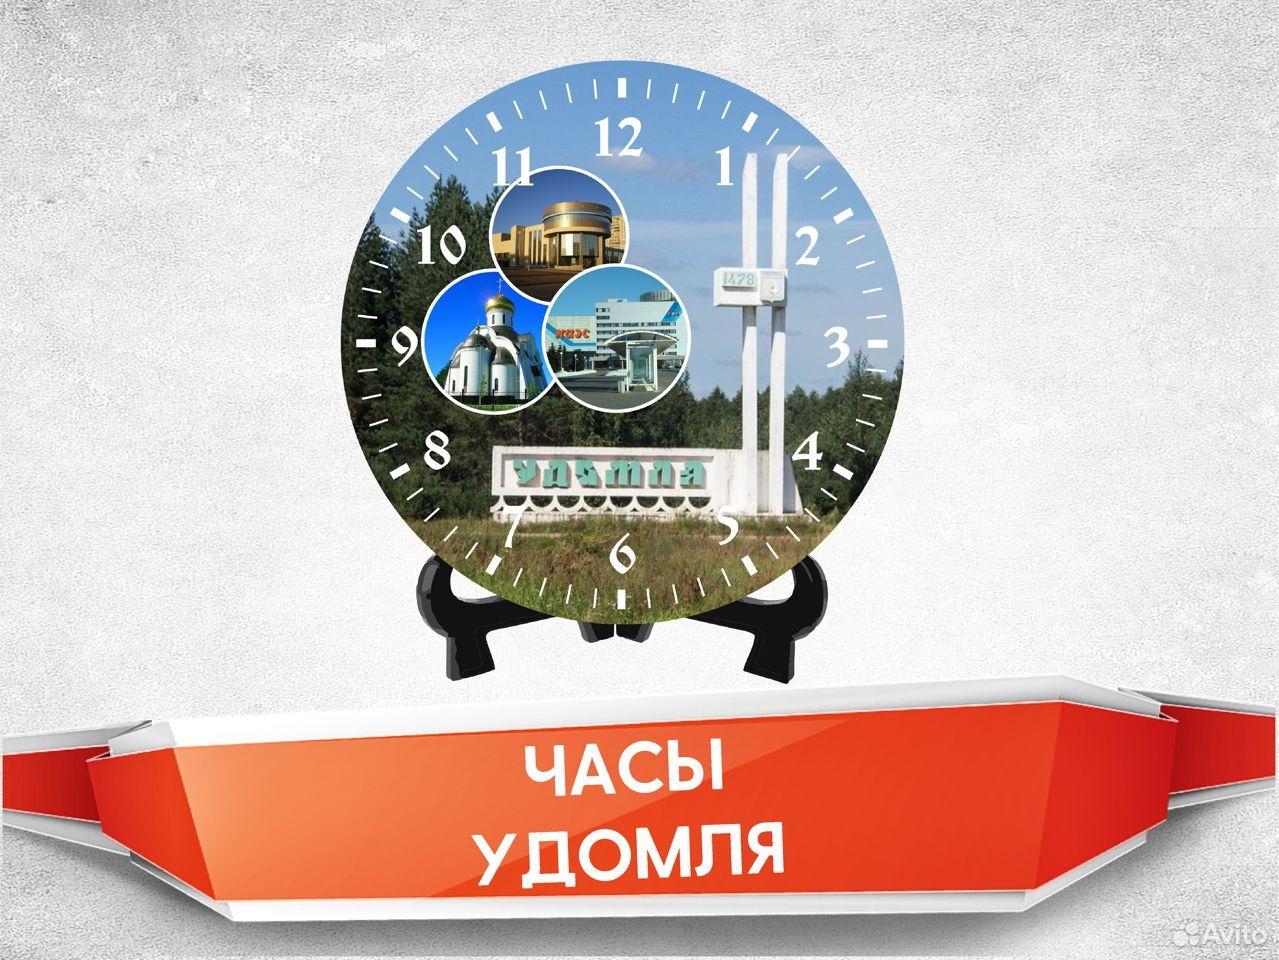 Сувениры г.Удомля - Часы